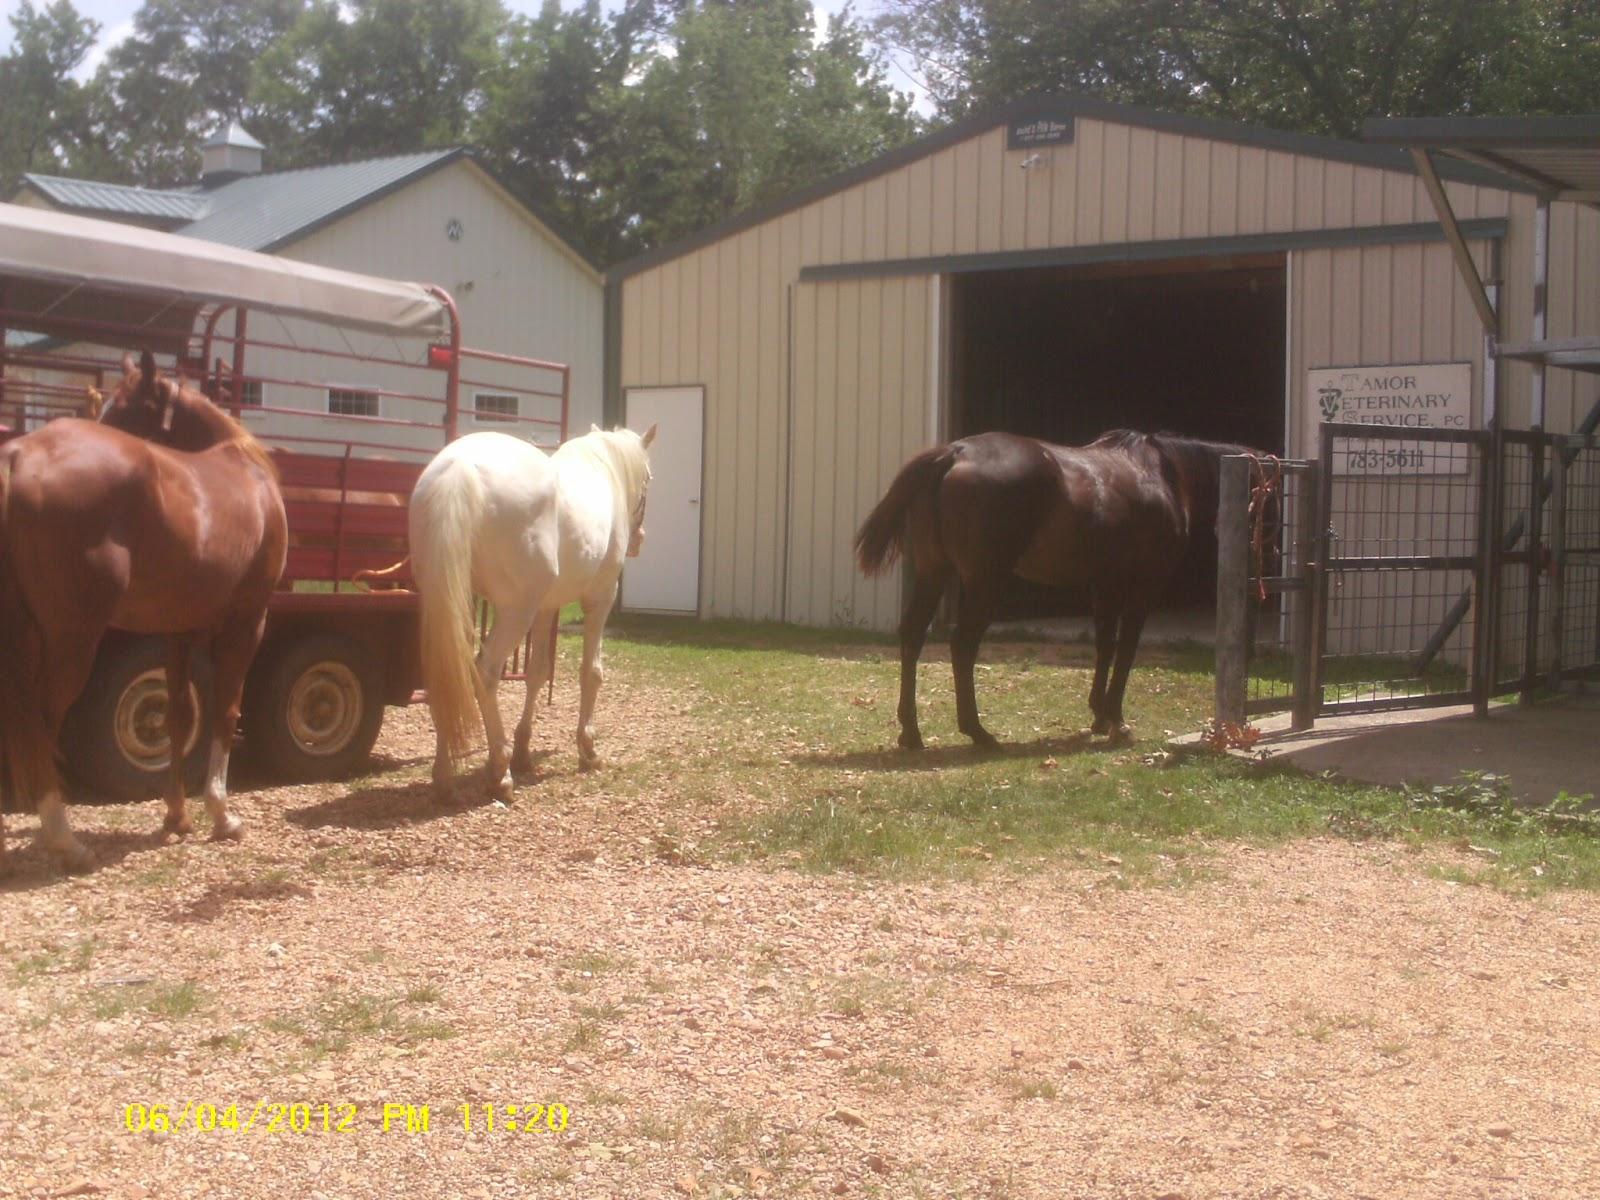 Good   Wallpaper Horse Flicka - IMAG0084  Image_1285.JPG